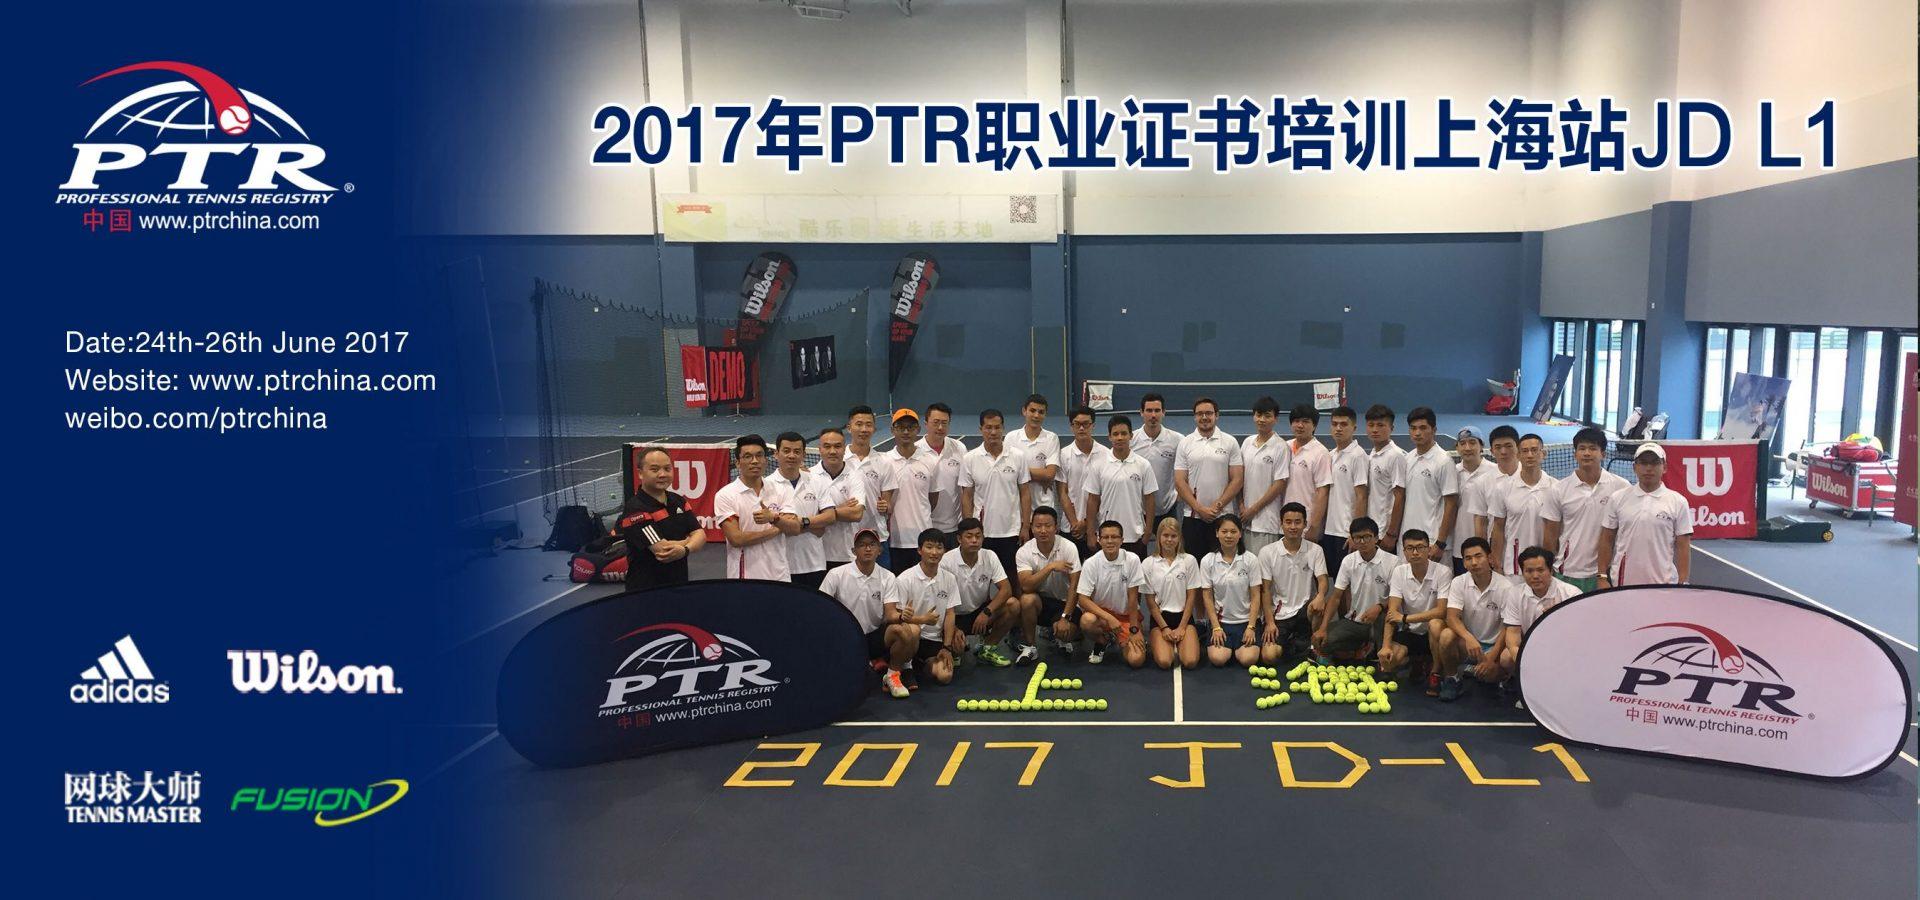 上海站JD培训班圆满结束!